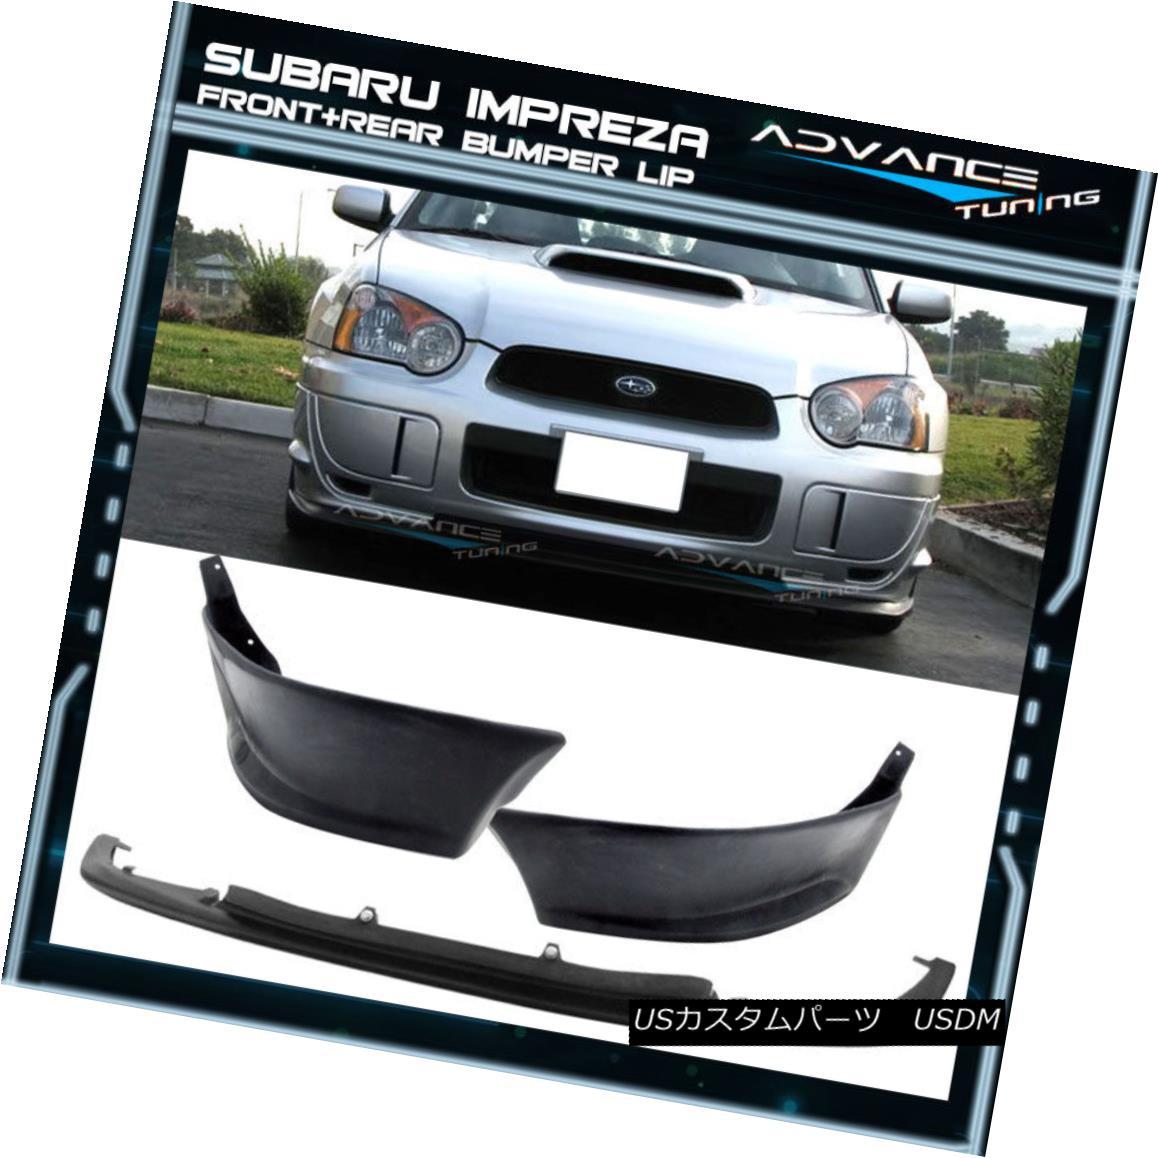 エアロパーツ Fit For 04-05 Subaru Impreza WRX STI V-Limited Front + Rear Lip Spoiler Urethane Fit For For 04-05スバルインプレッサWRX STI V-Limitedフロント+リアリップスポイラーウレタン